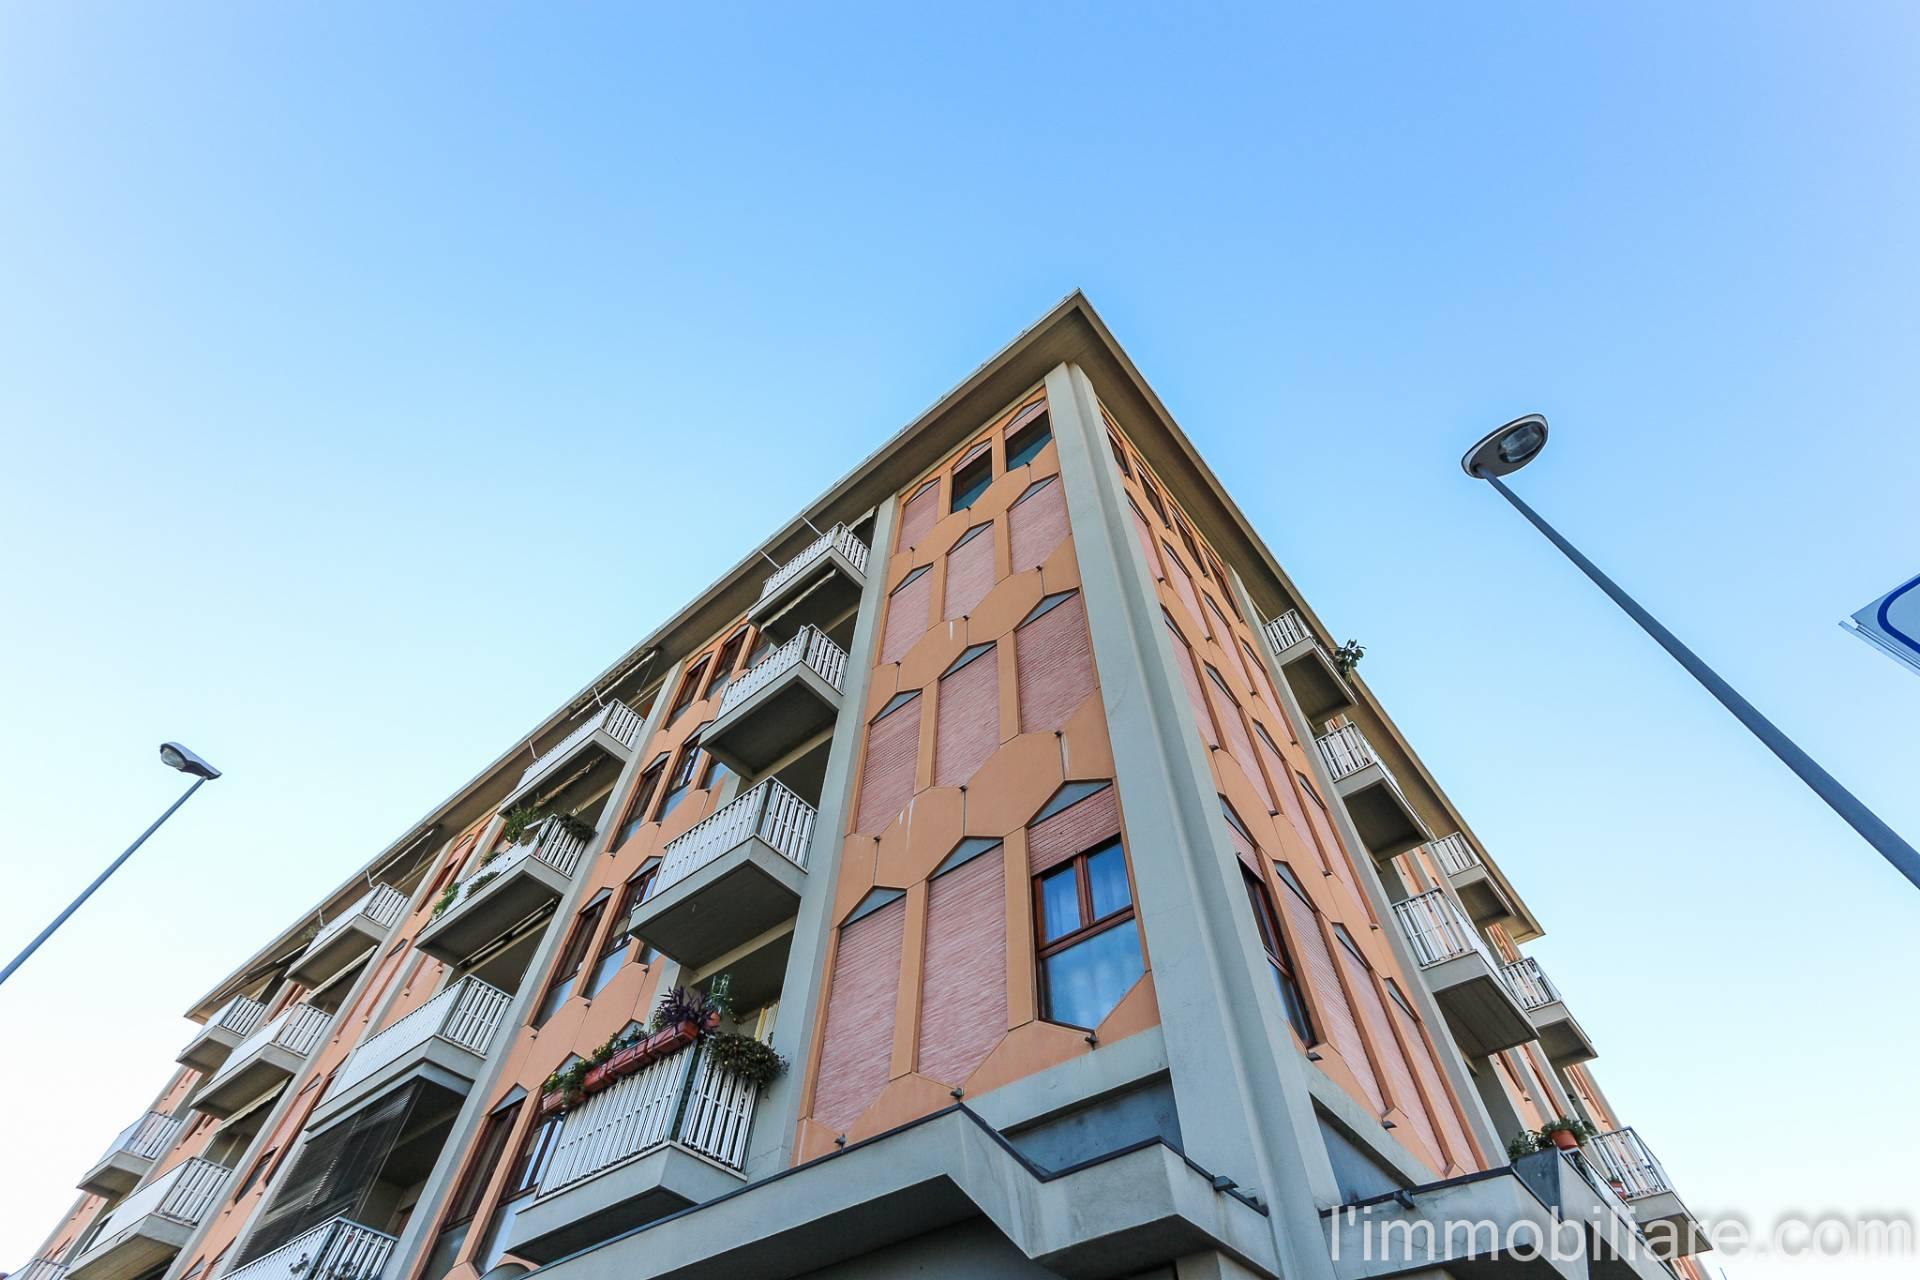 Ufficio / Studio in affitto a Verona, 9999 locali, prezzo € 900 | CambioCasa.it